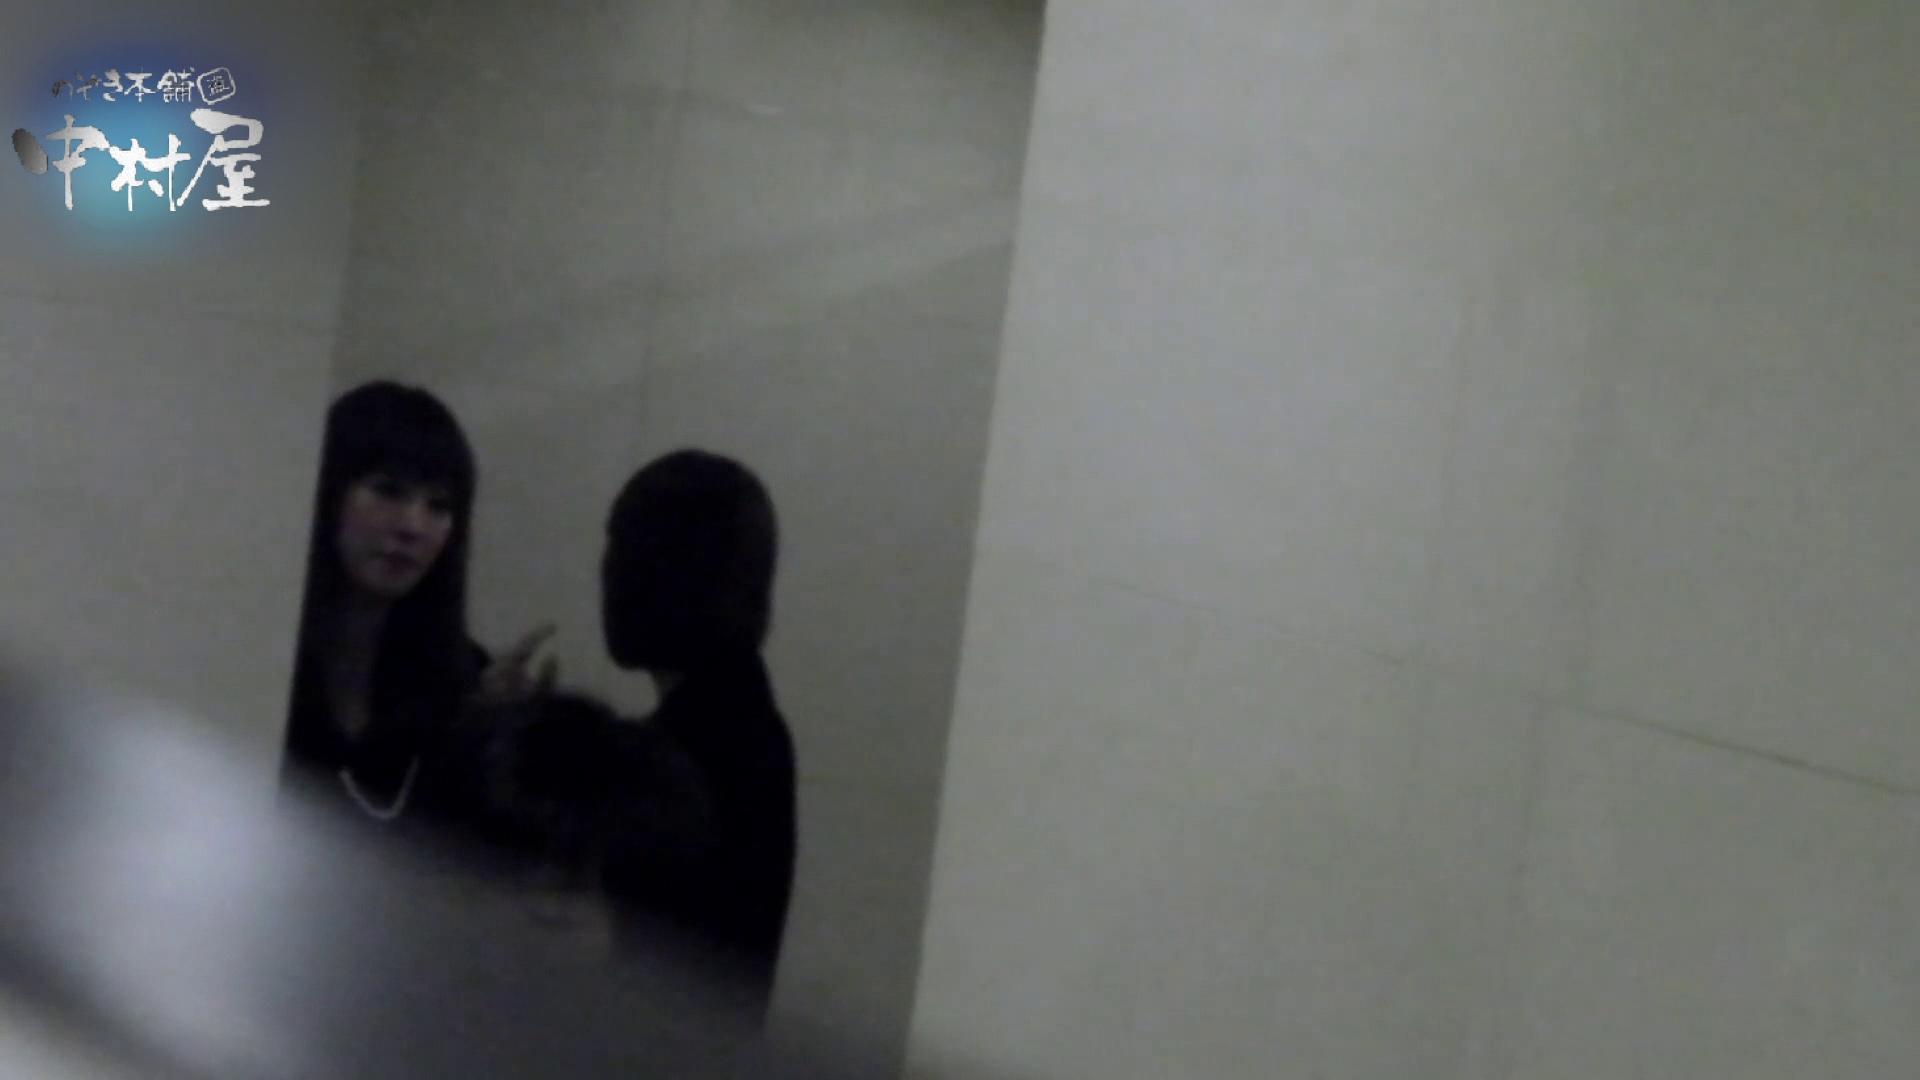 乙女集まる!ショッピングモール潜入撮vol.01 0  57連発 12